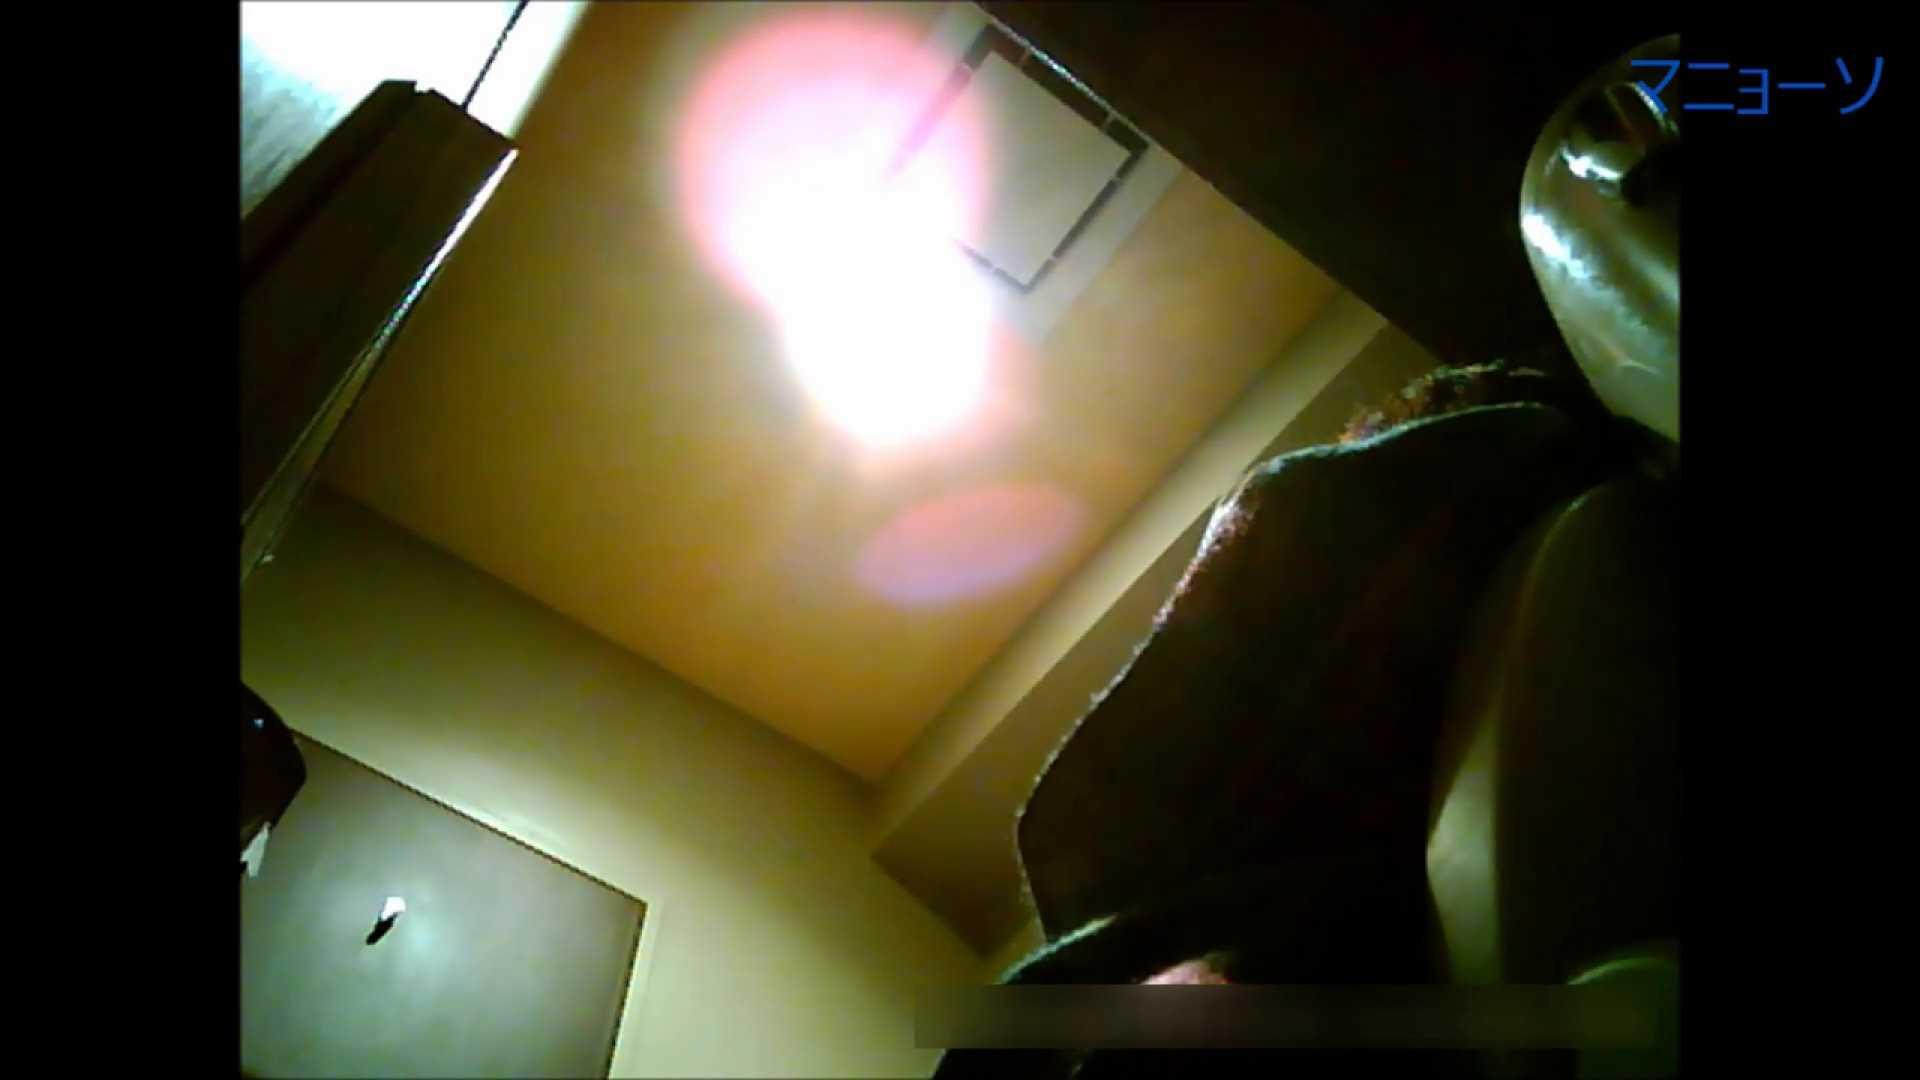 トイレでひと肌脱いでもらいました (JD編)Vol.02 トイレ  80pic 54